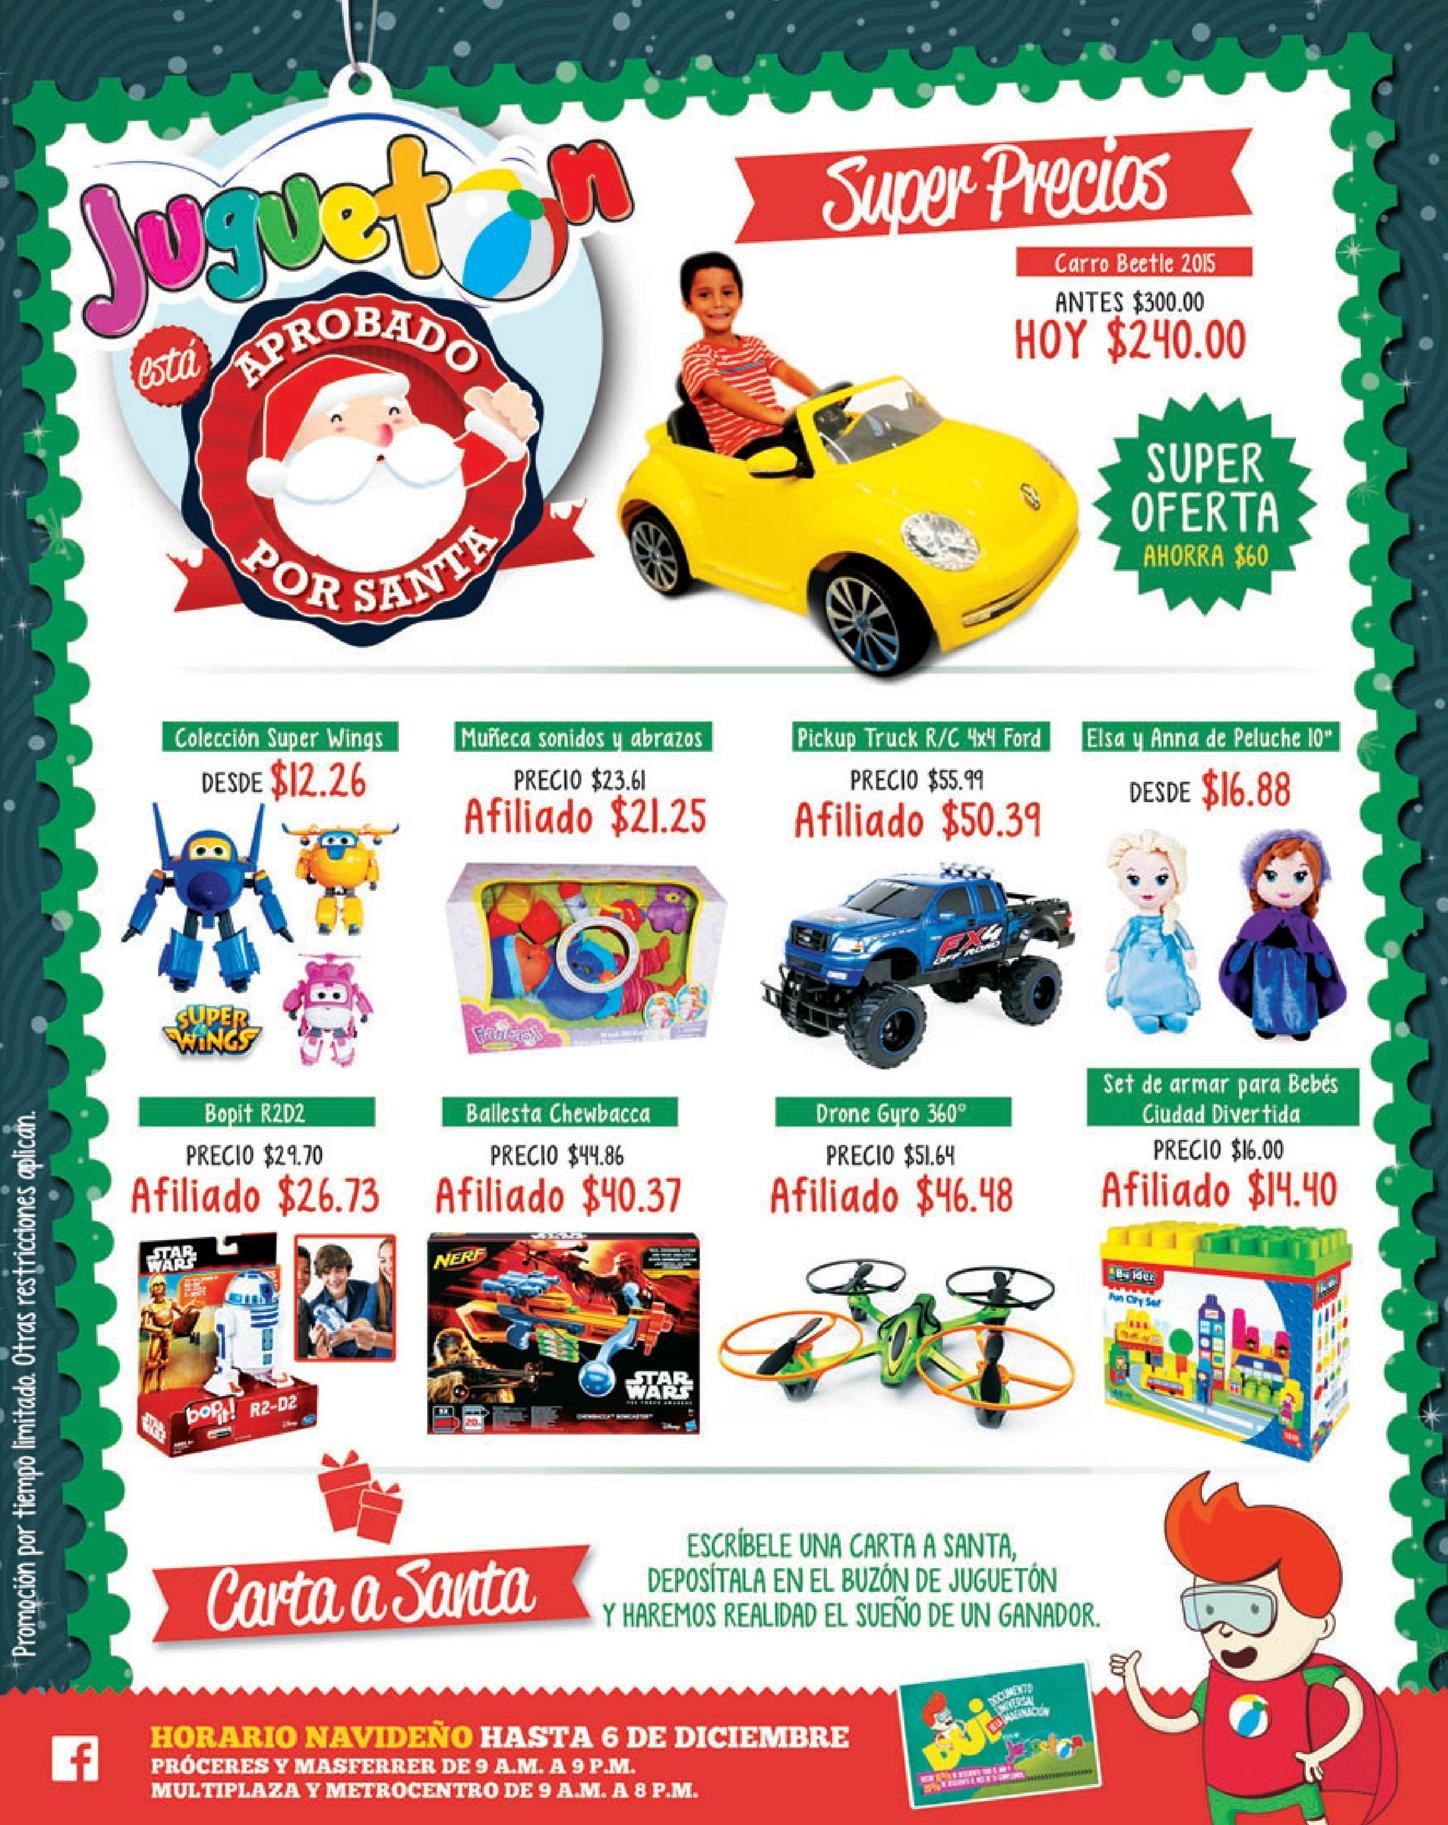 Super precios en juguetes para NINOS en JUGUETON el salvador